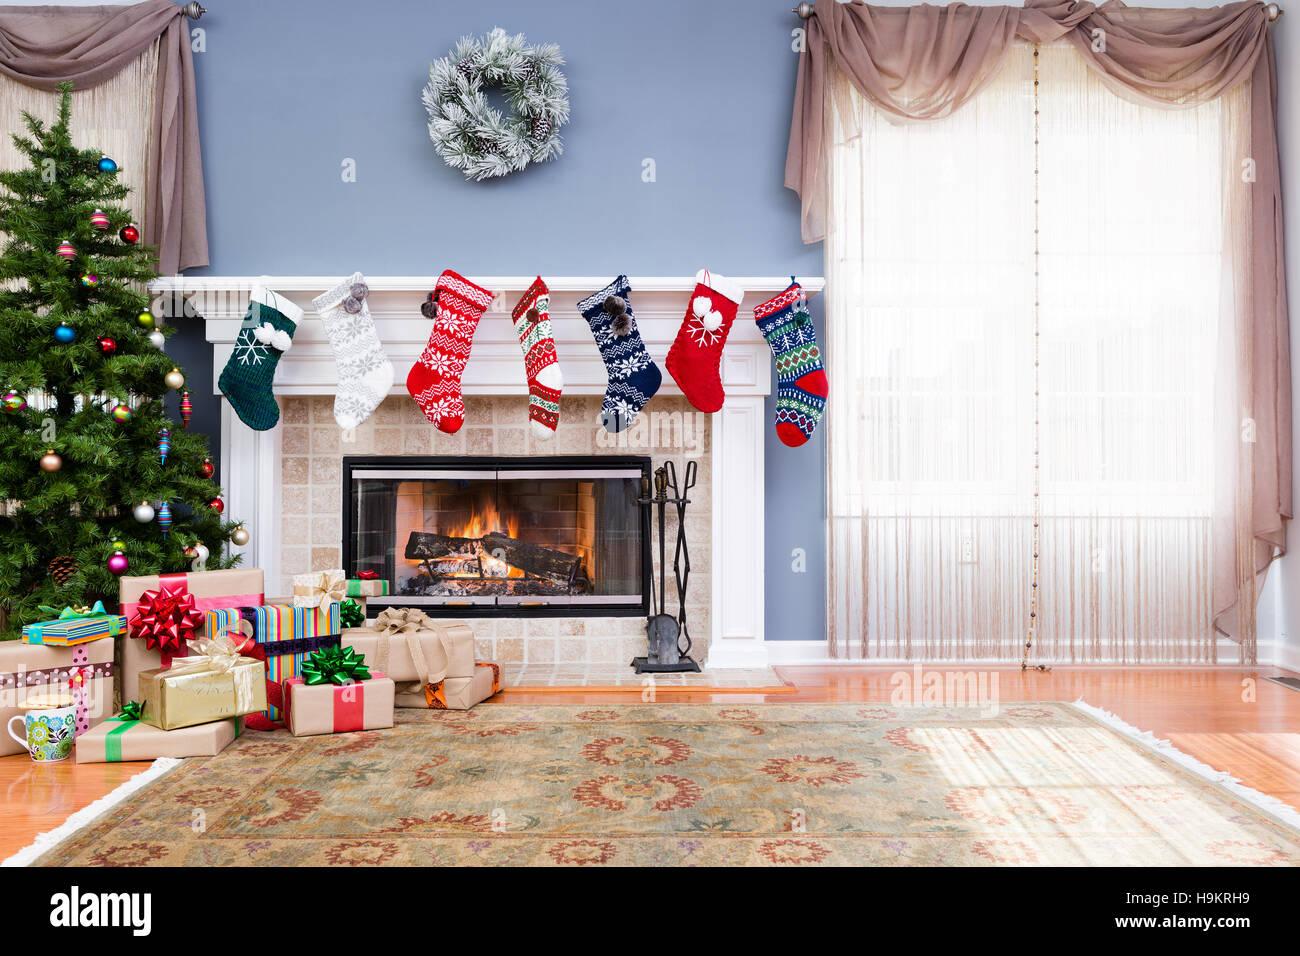 Im Heimischen Wohnzimmer Für Weihnachten Dekoriert, Mit Bunten Strümpfen  Auf Dem Kaminsims, Haufen Geschenk Verpackt Geschenke Und Weihnachtsbaum,  ...